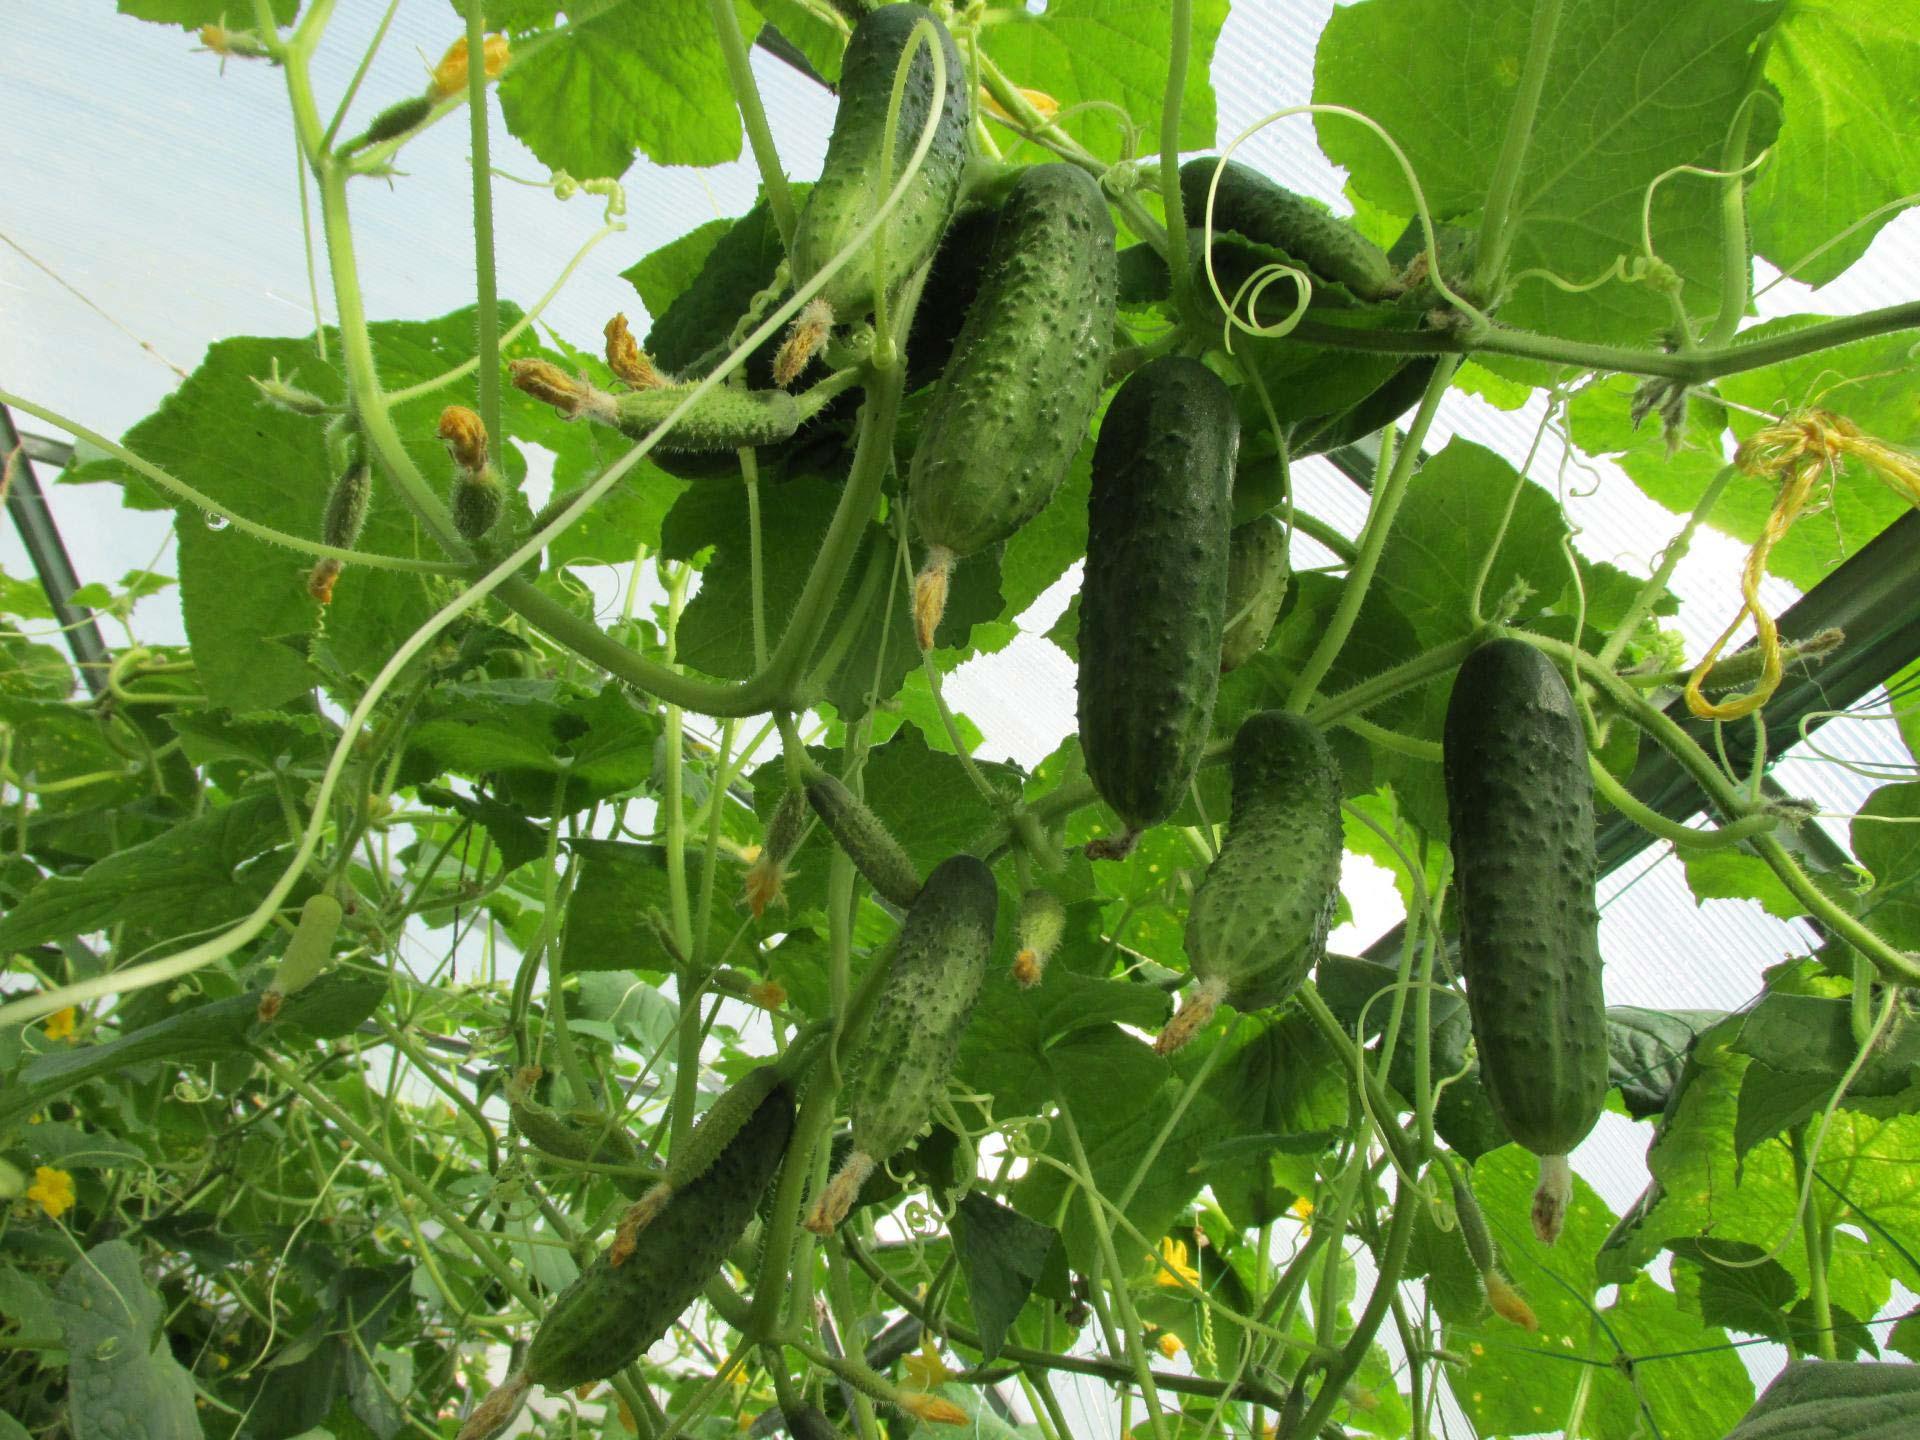 Выращивание огурцов зимой в теплице: рекомендации садоводов 8